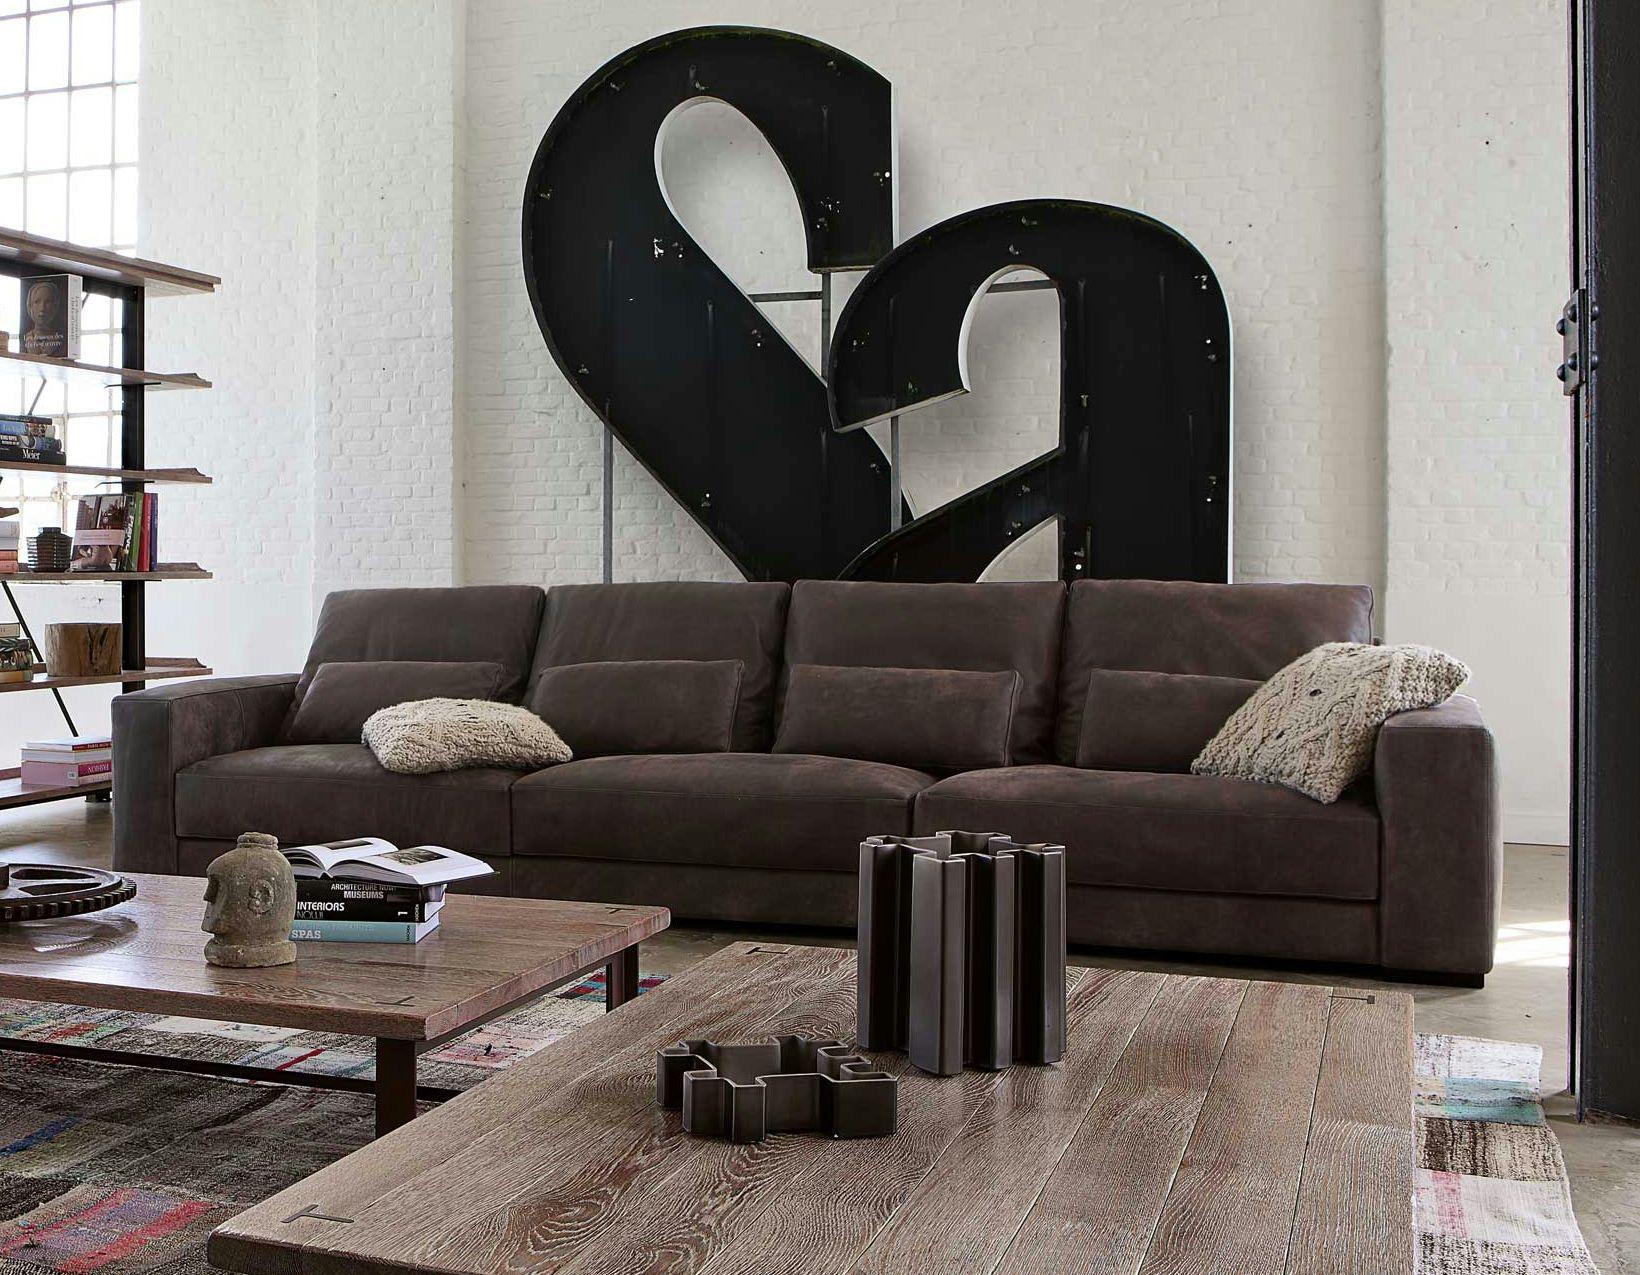 Canap en cuir madeos collection nouveaux classiques by roche bobois design - Canape en cuir contemporain roche bobois ...